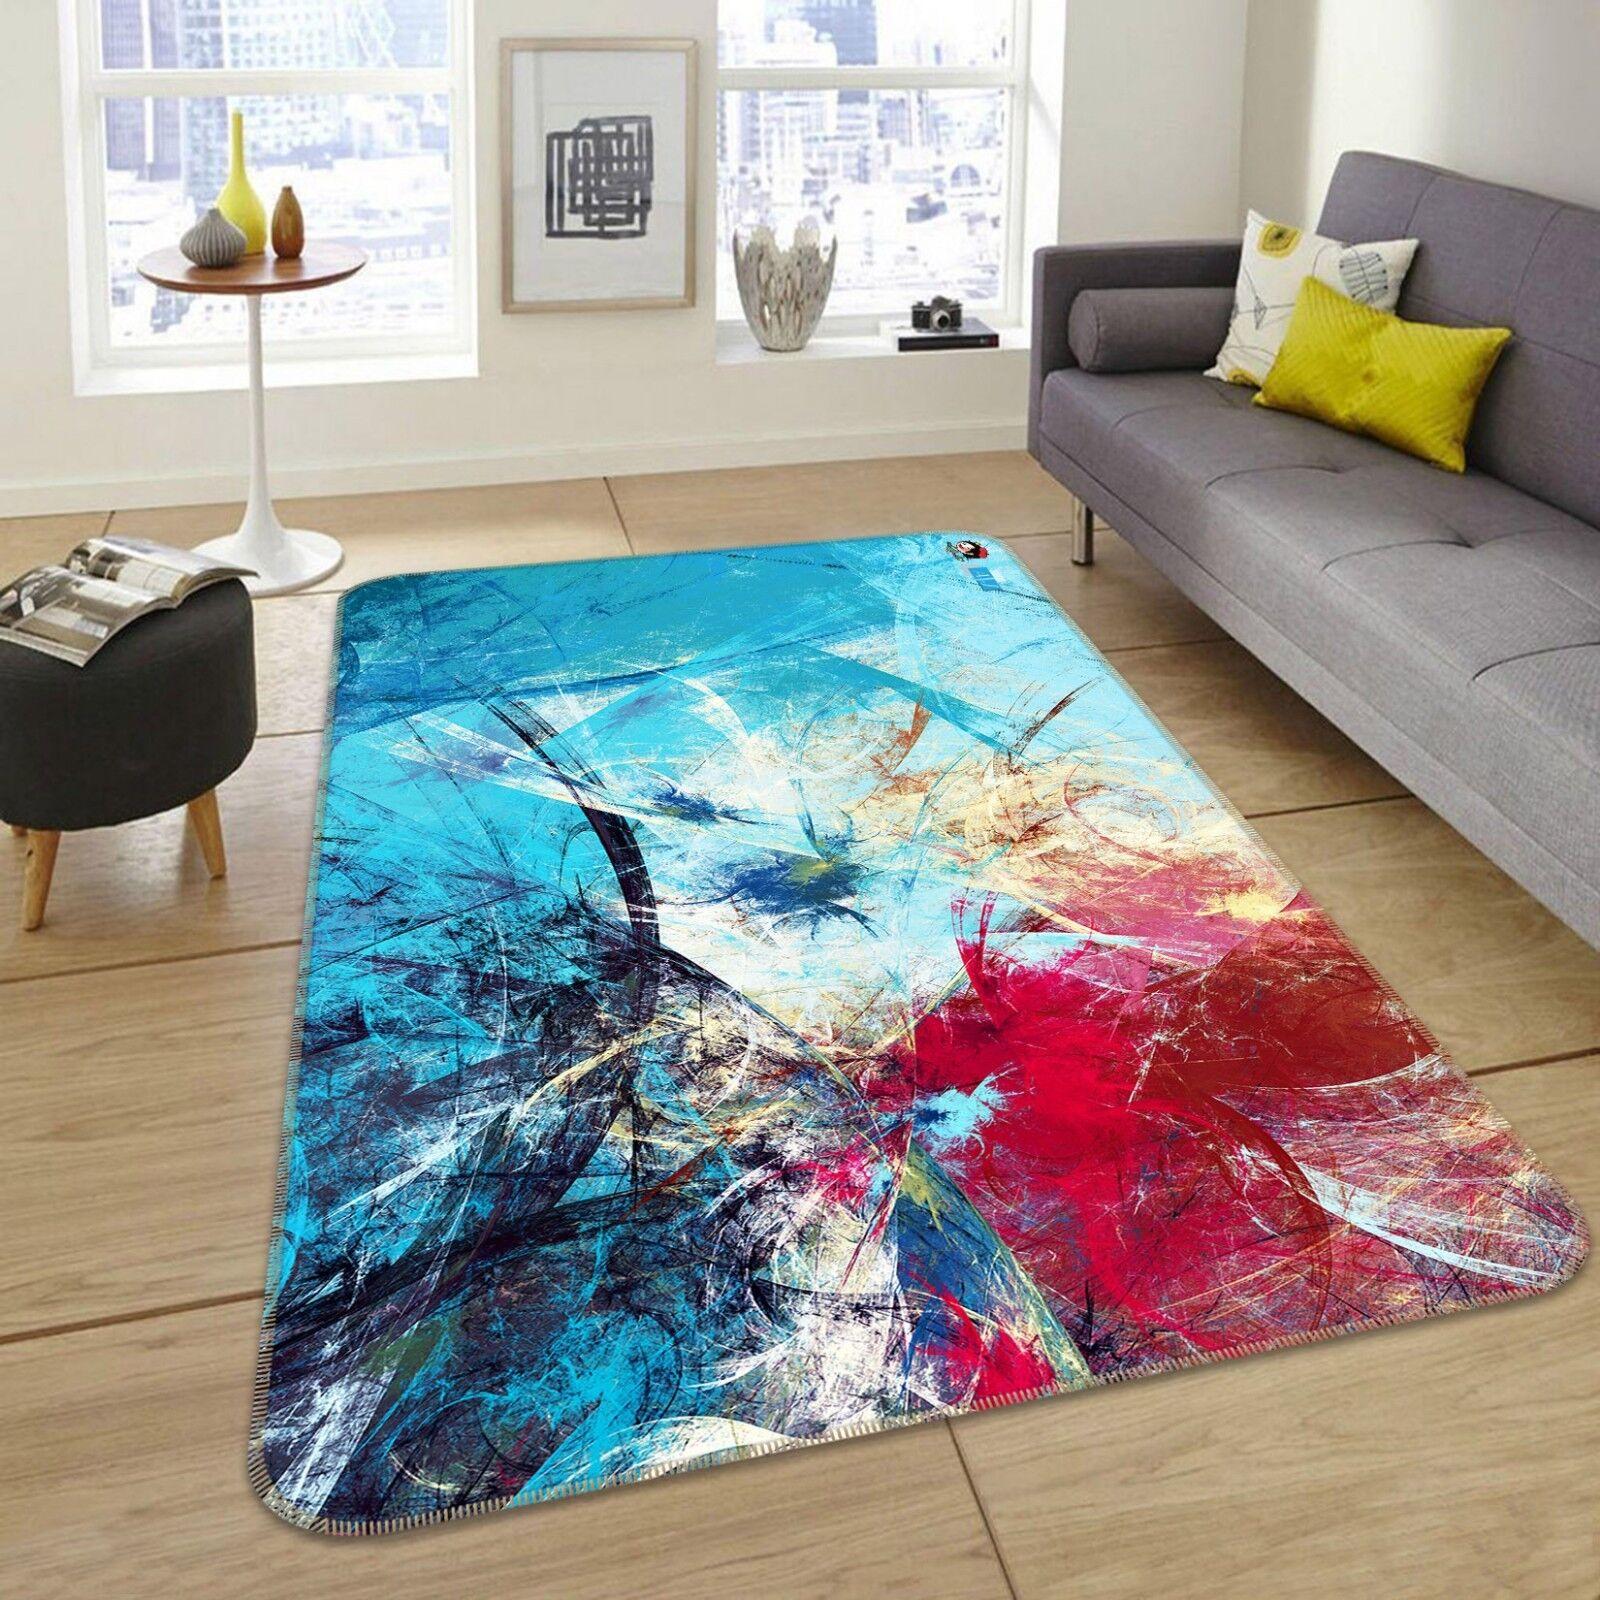 3d retro Design 55 antideslizante alfombra maletero calidad elegante alfombra de